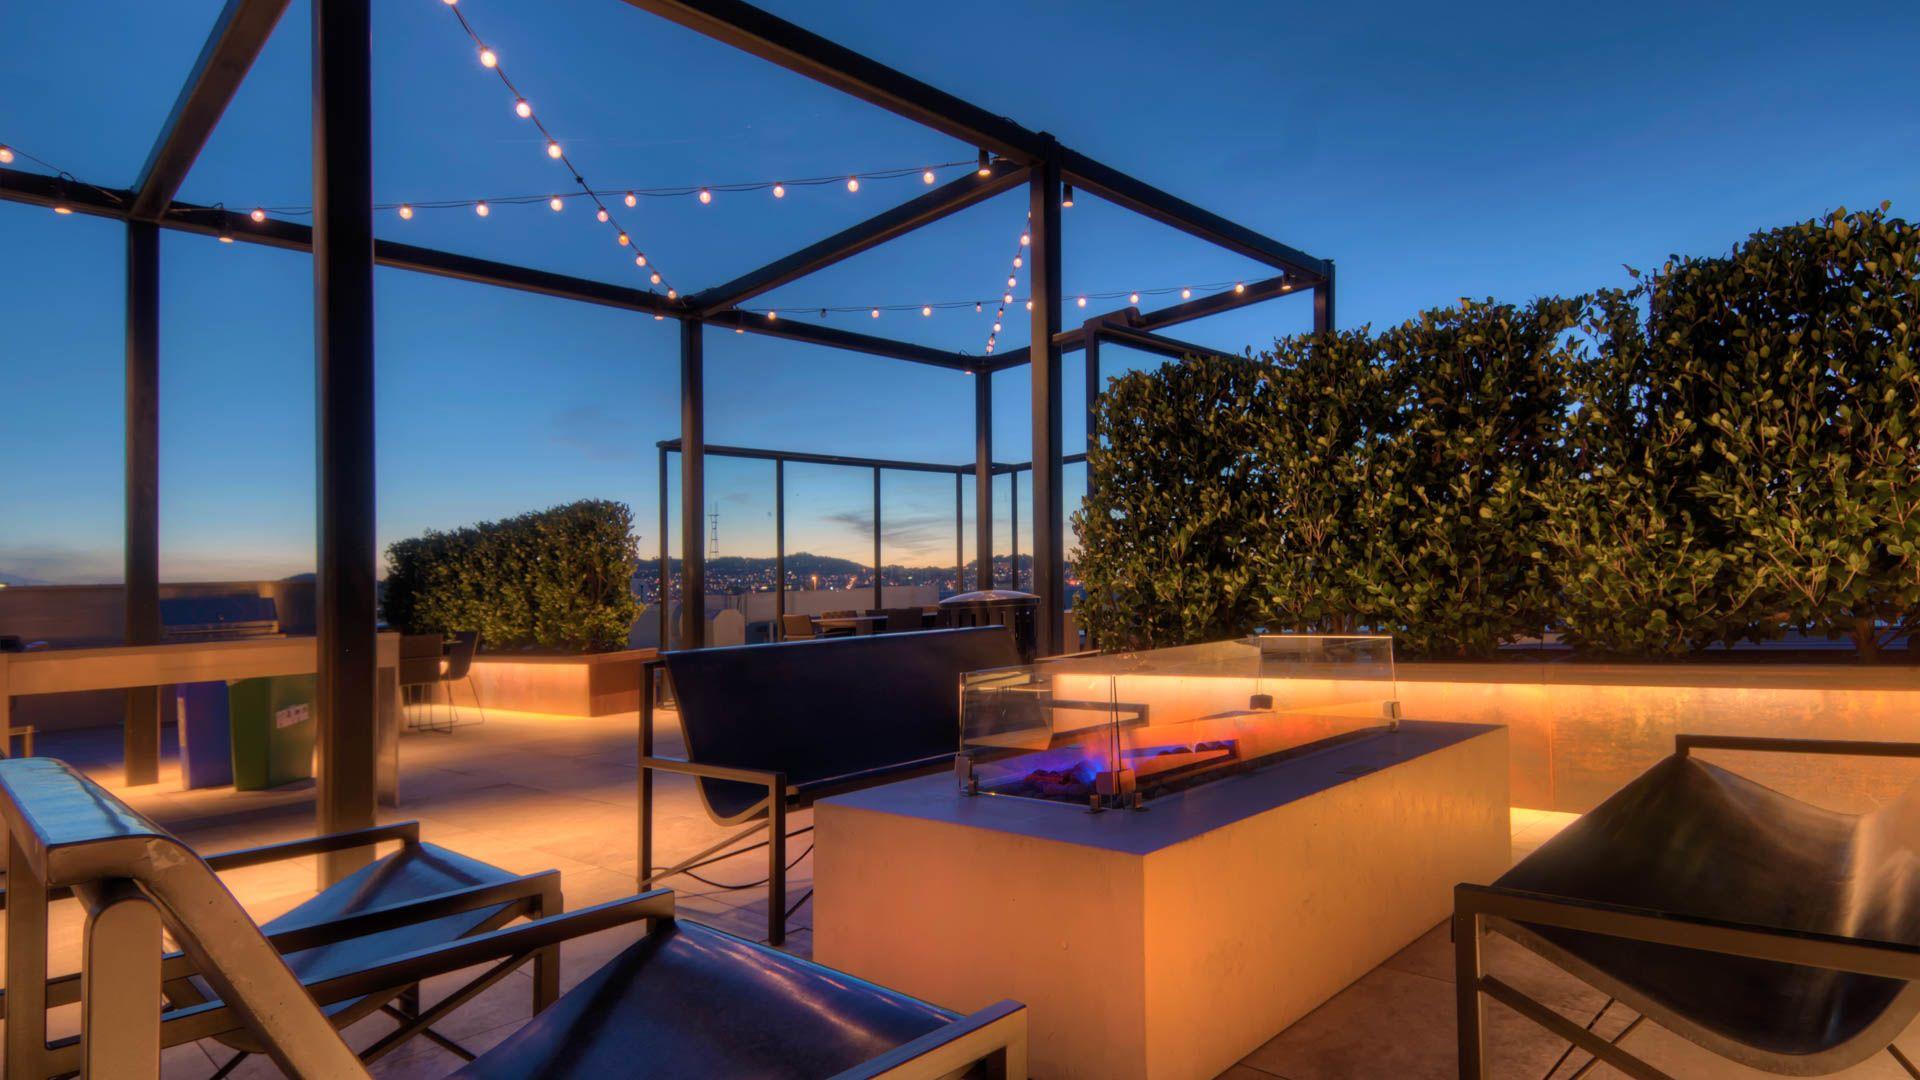 Potrero 1010 Apartments - Rooftop Lounge